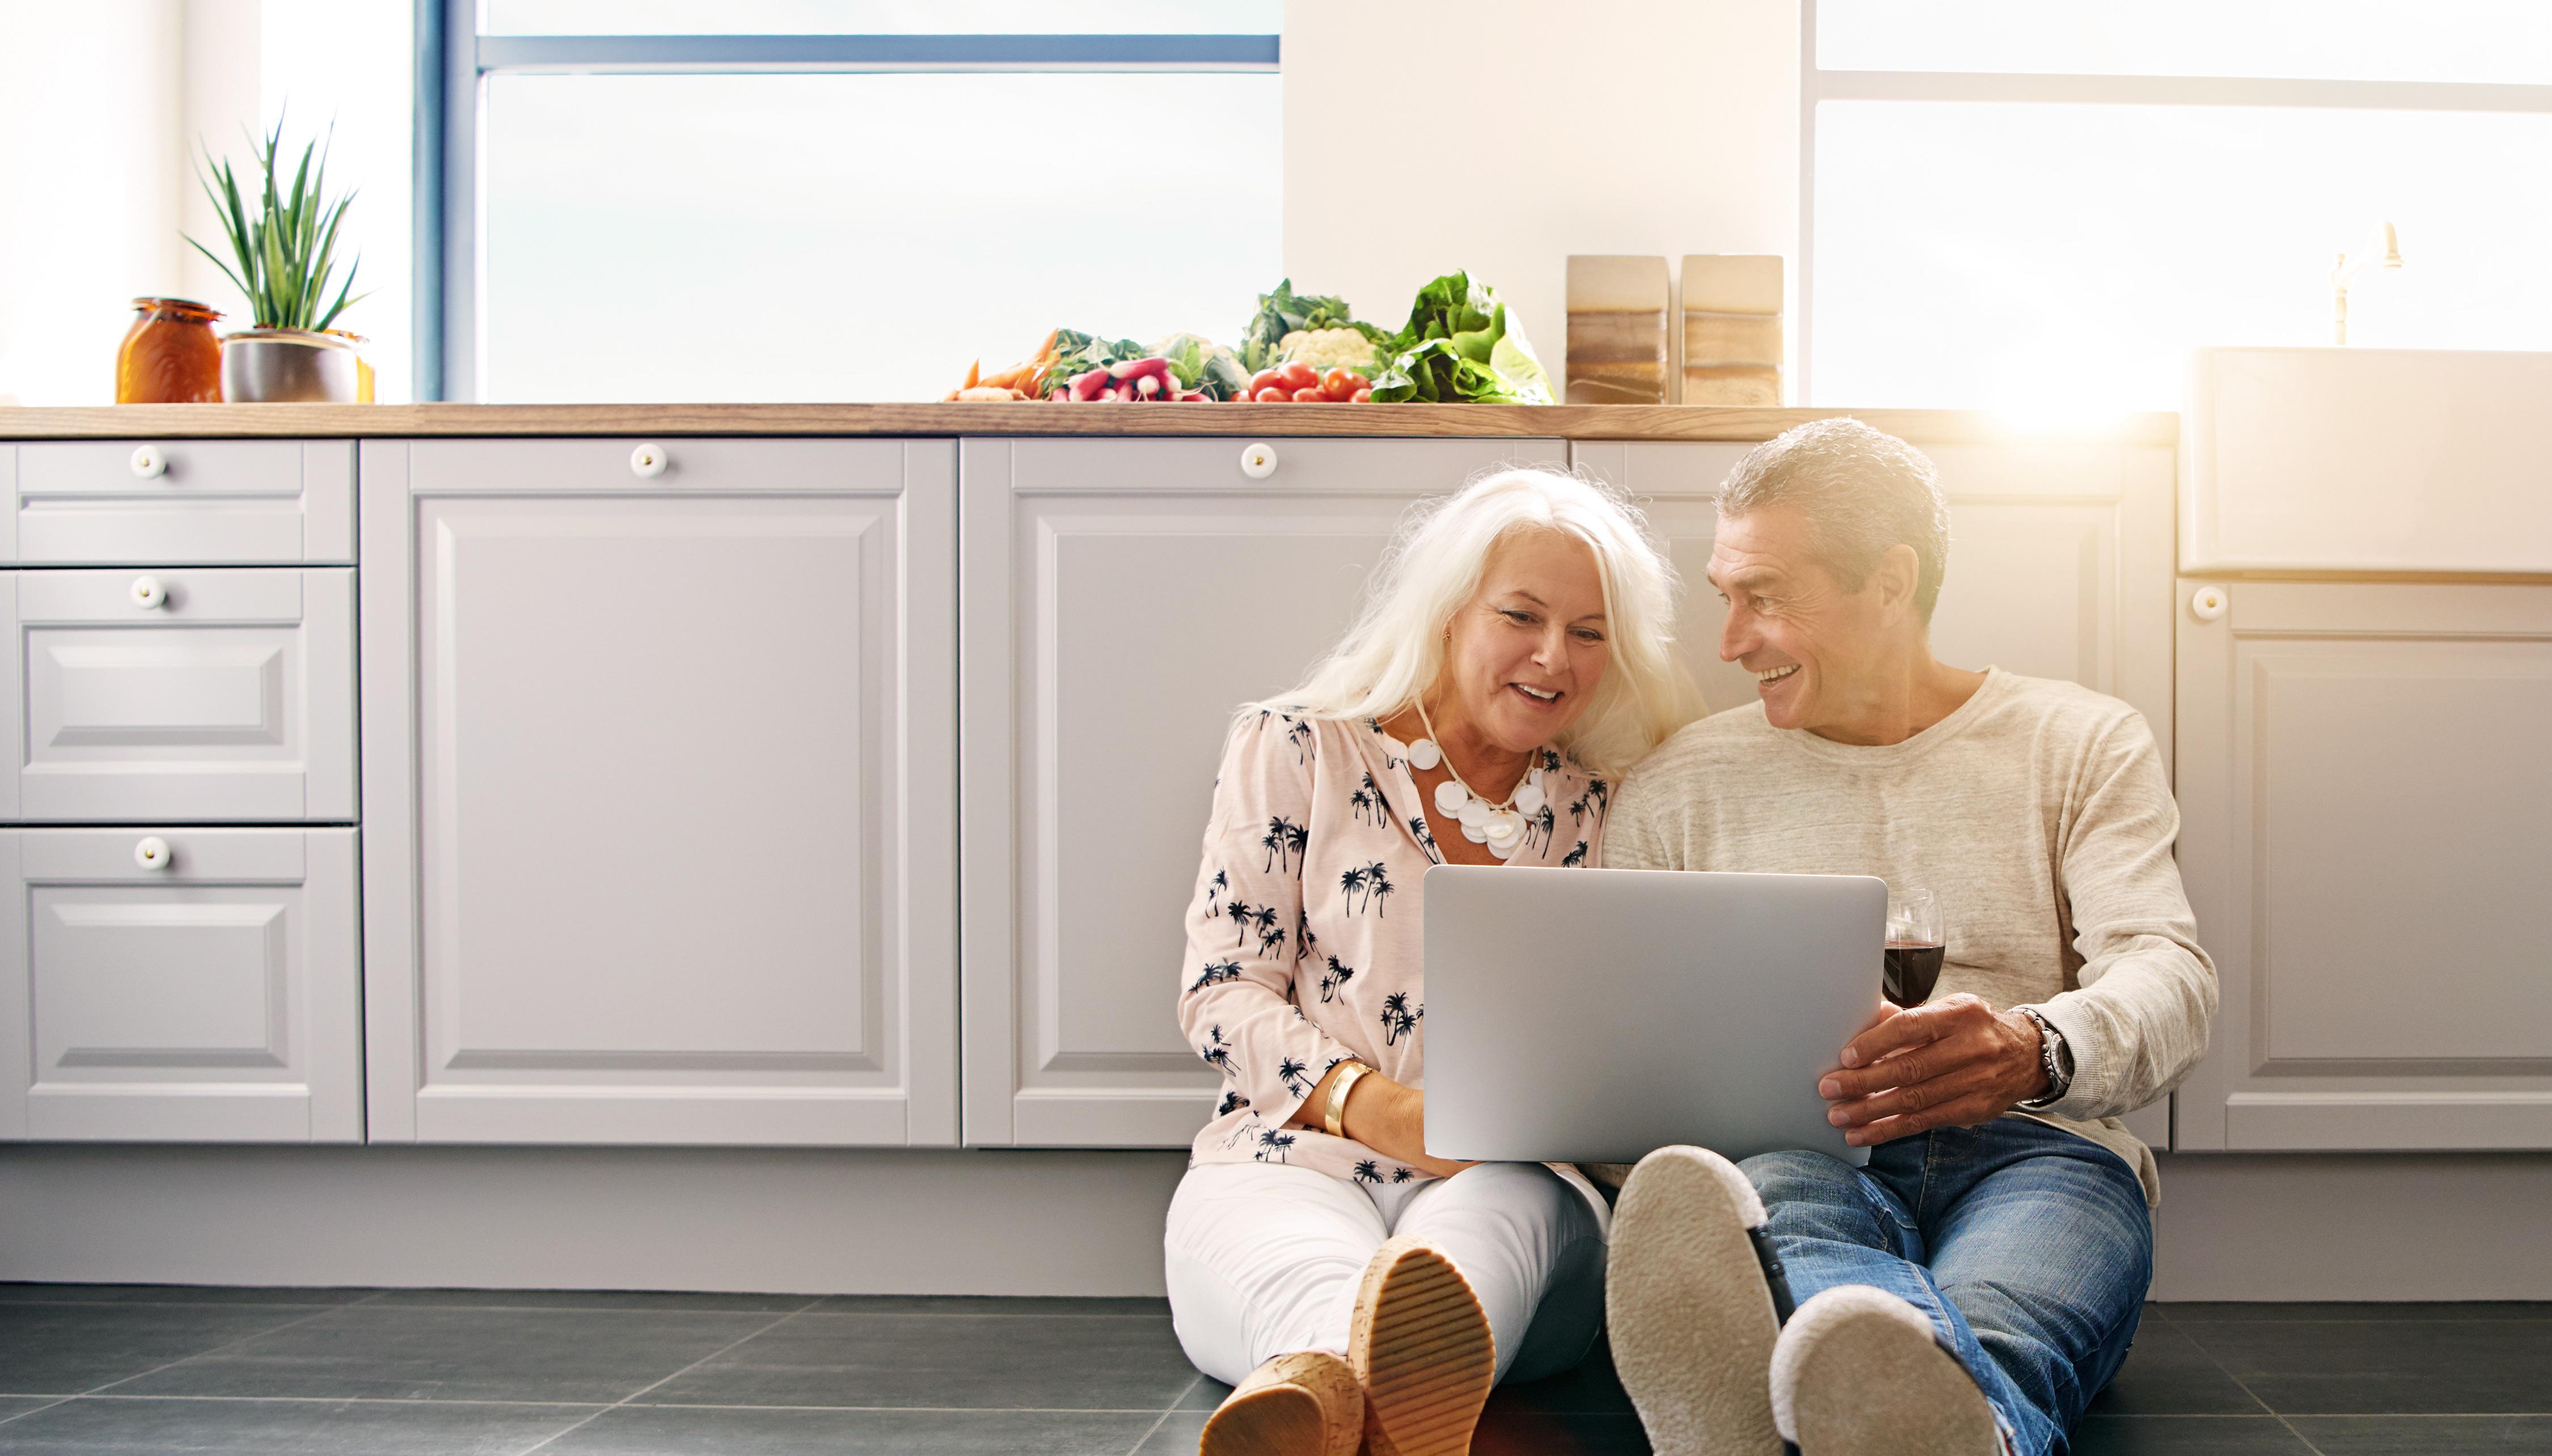 Älteres lächelndes Paar vor dem Laptop auf dem Küchenboden sitzend